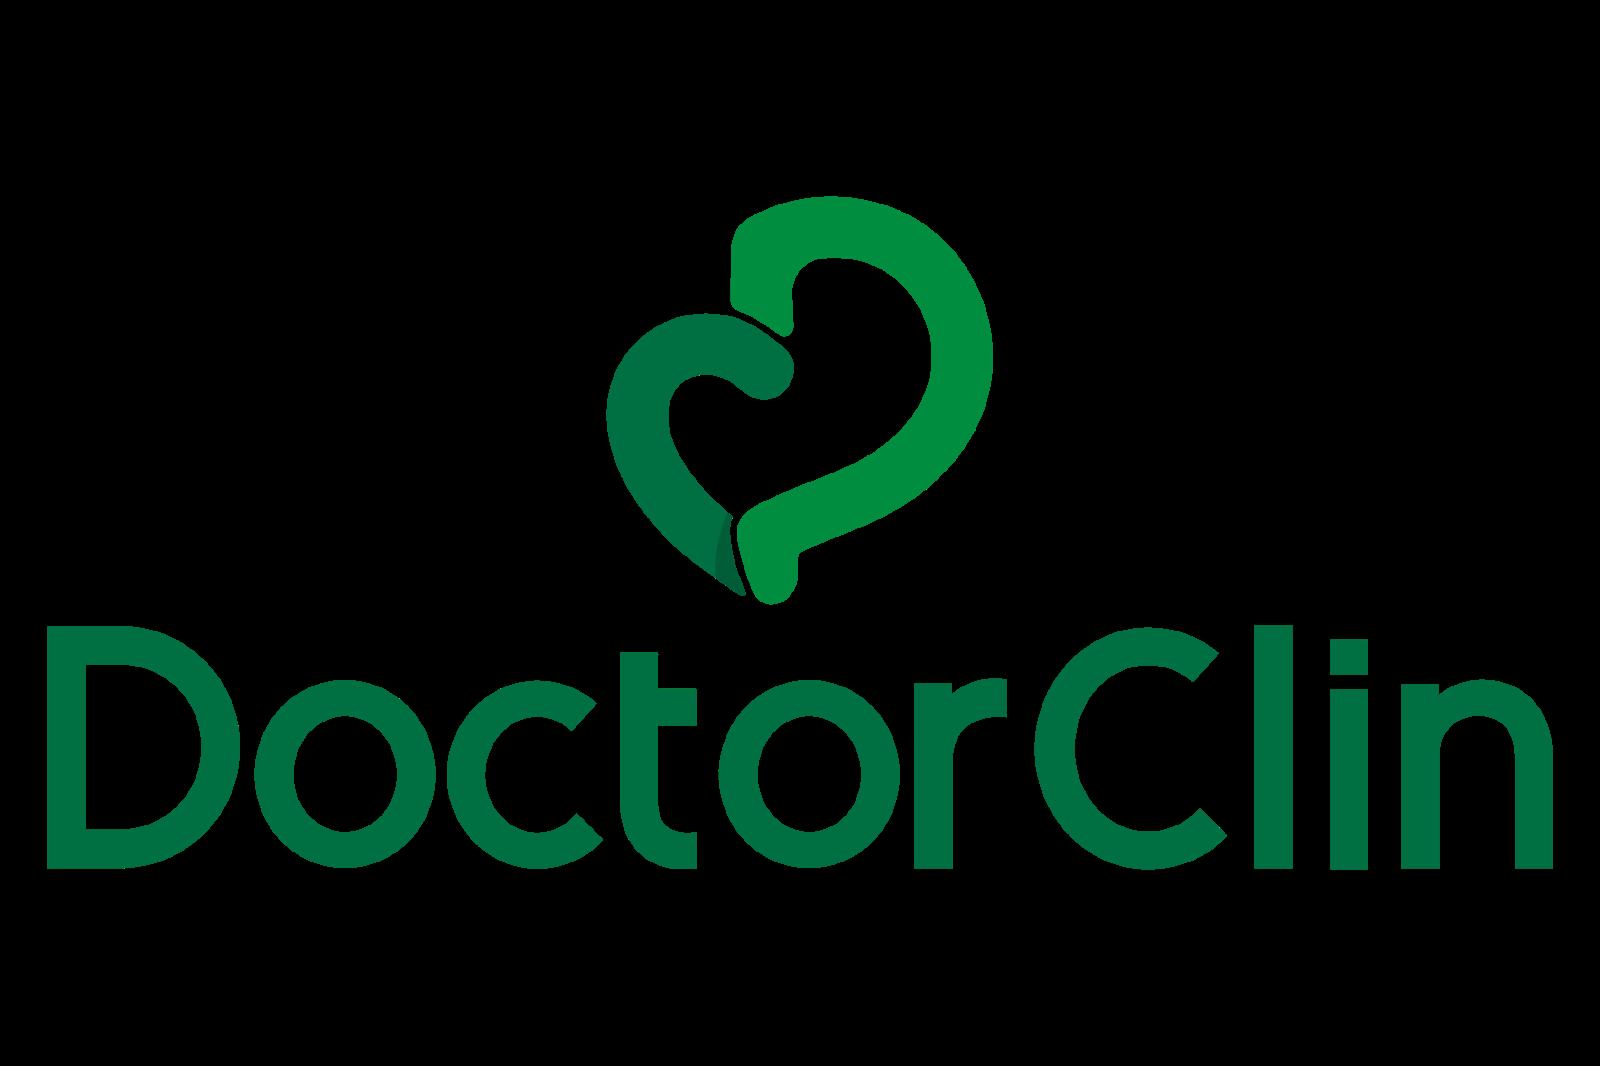 Plano Individual e Familiar Doctor Clin em Estância Velha - RS